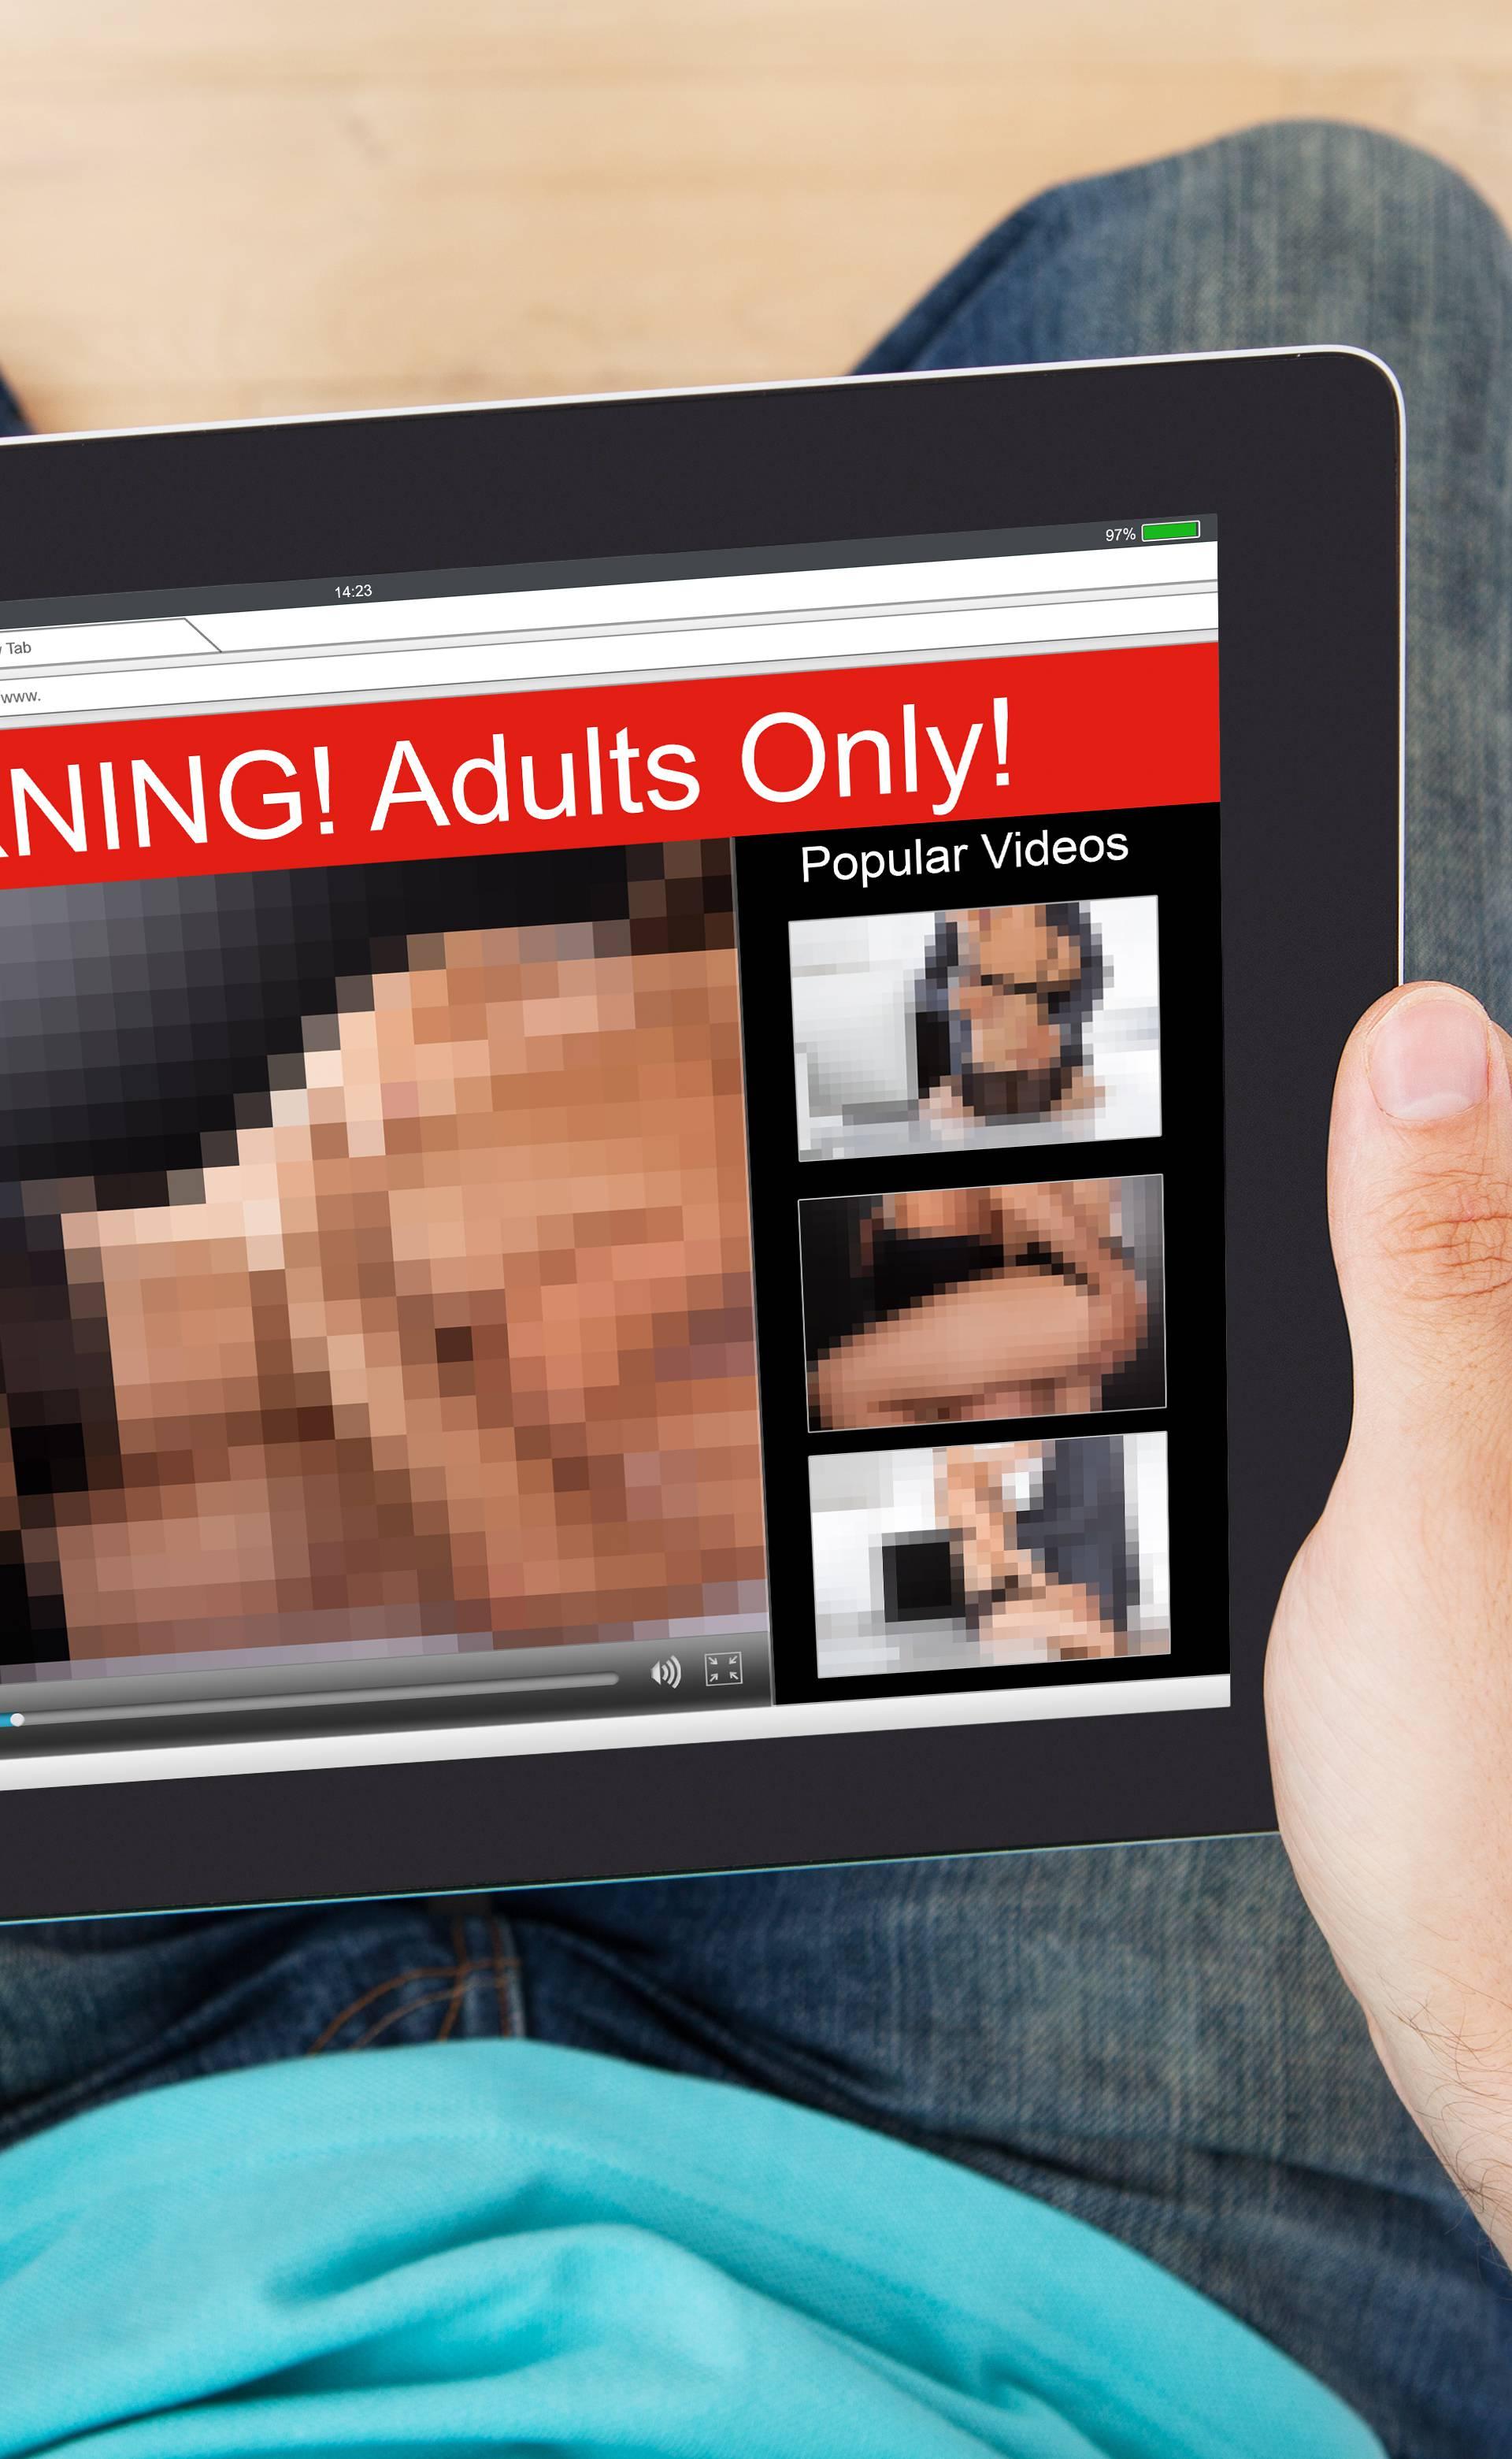 Gluhi muškarac tuži Pornhub jer u videima nemaju - titlove